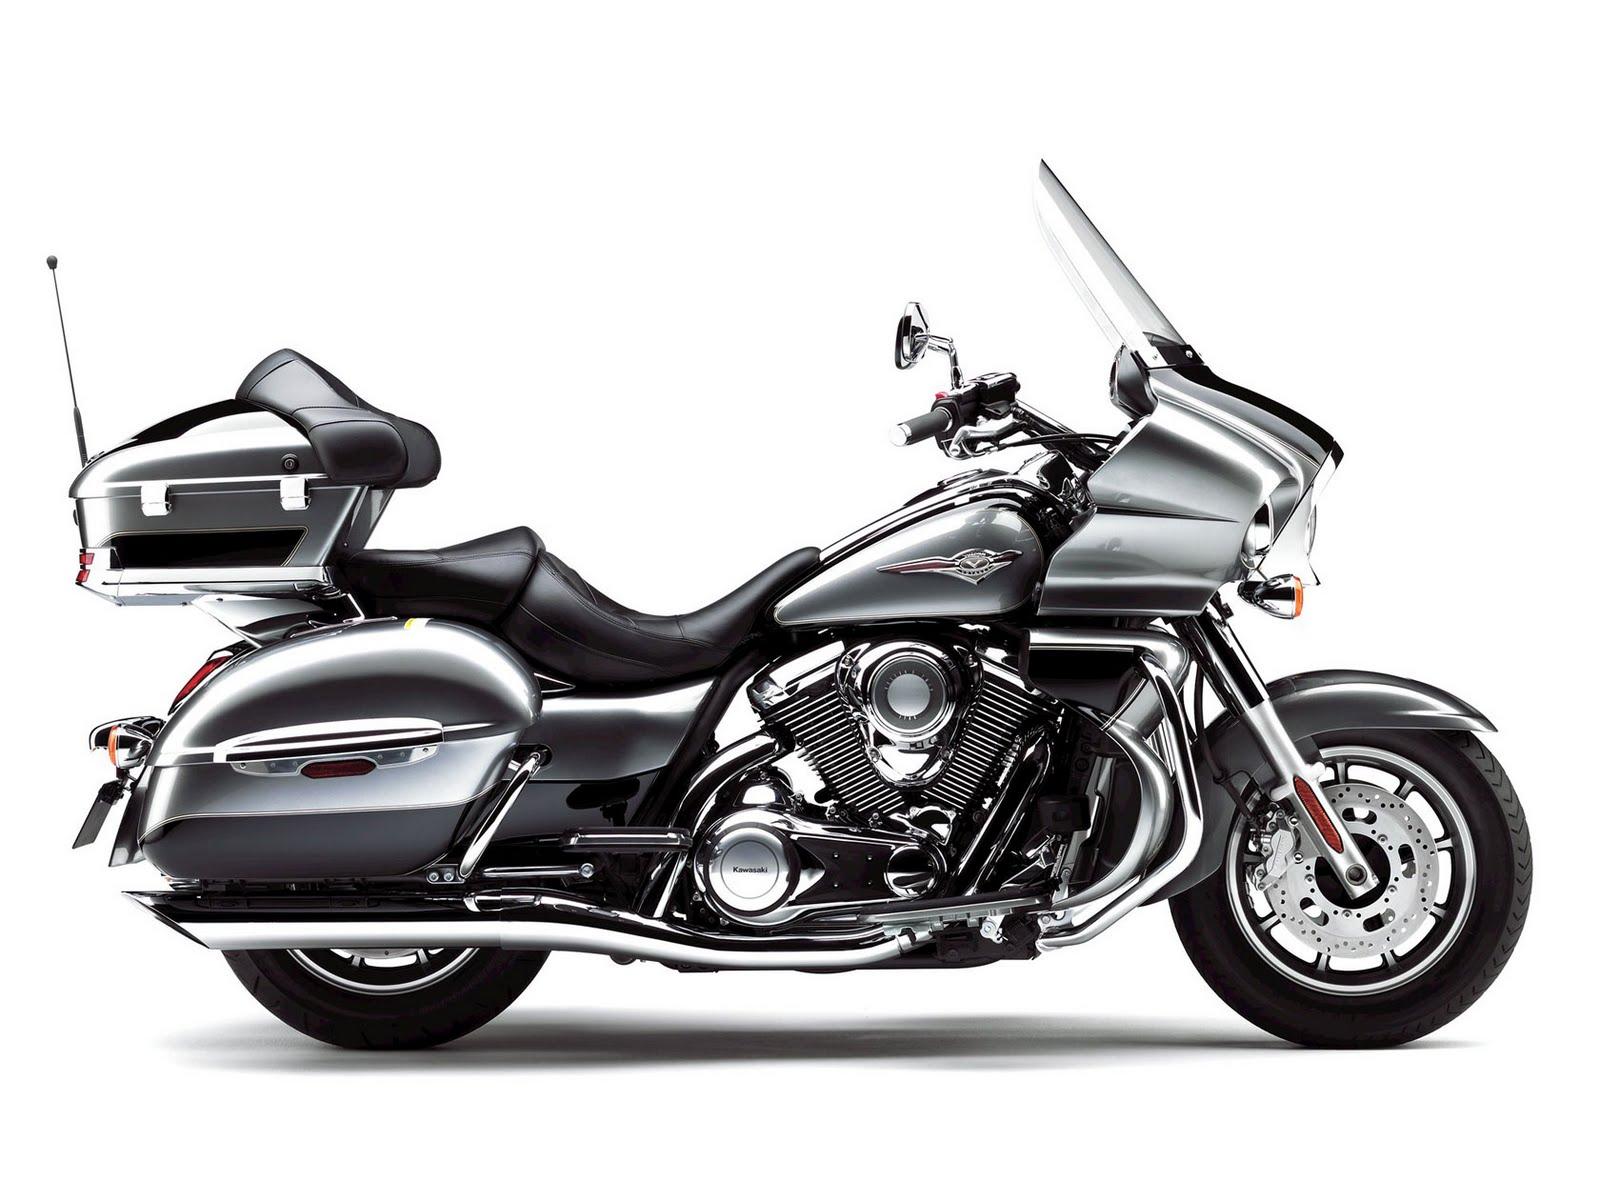 Motorcycle Guide  2013 Kawasaki Vulcan 1700 Voyager ABS